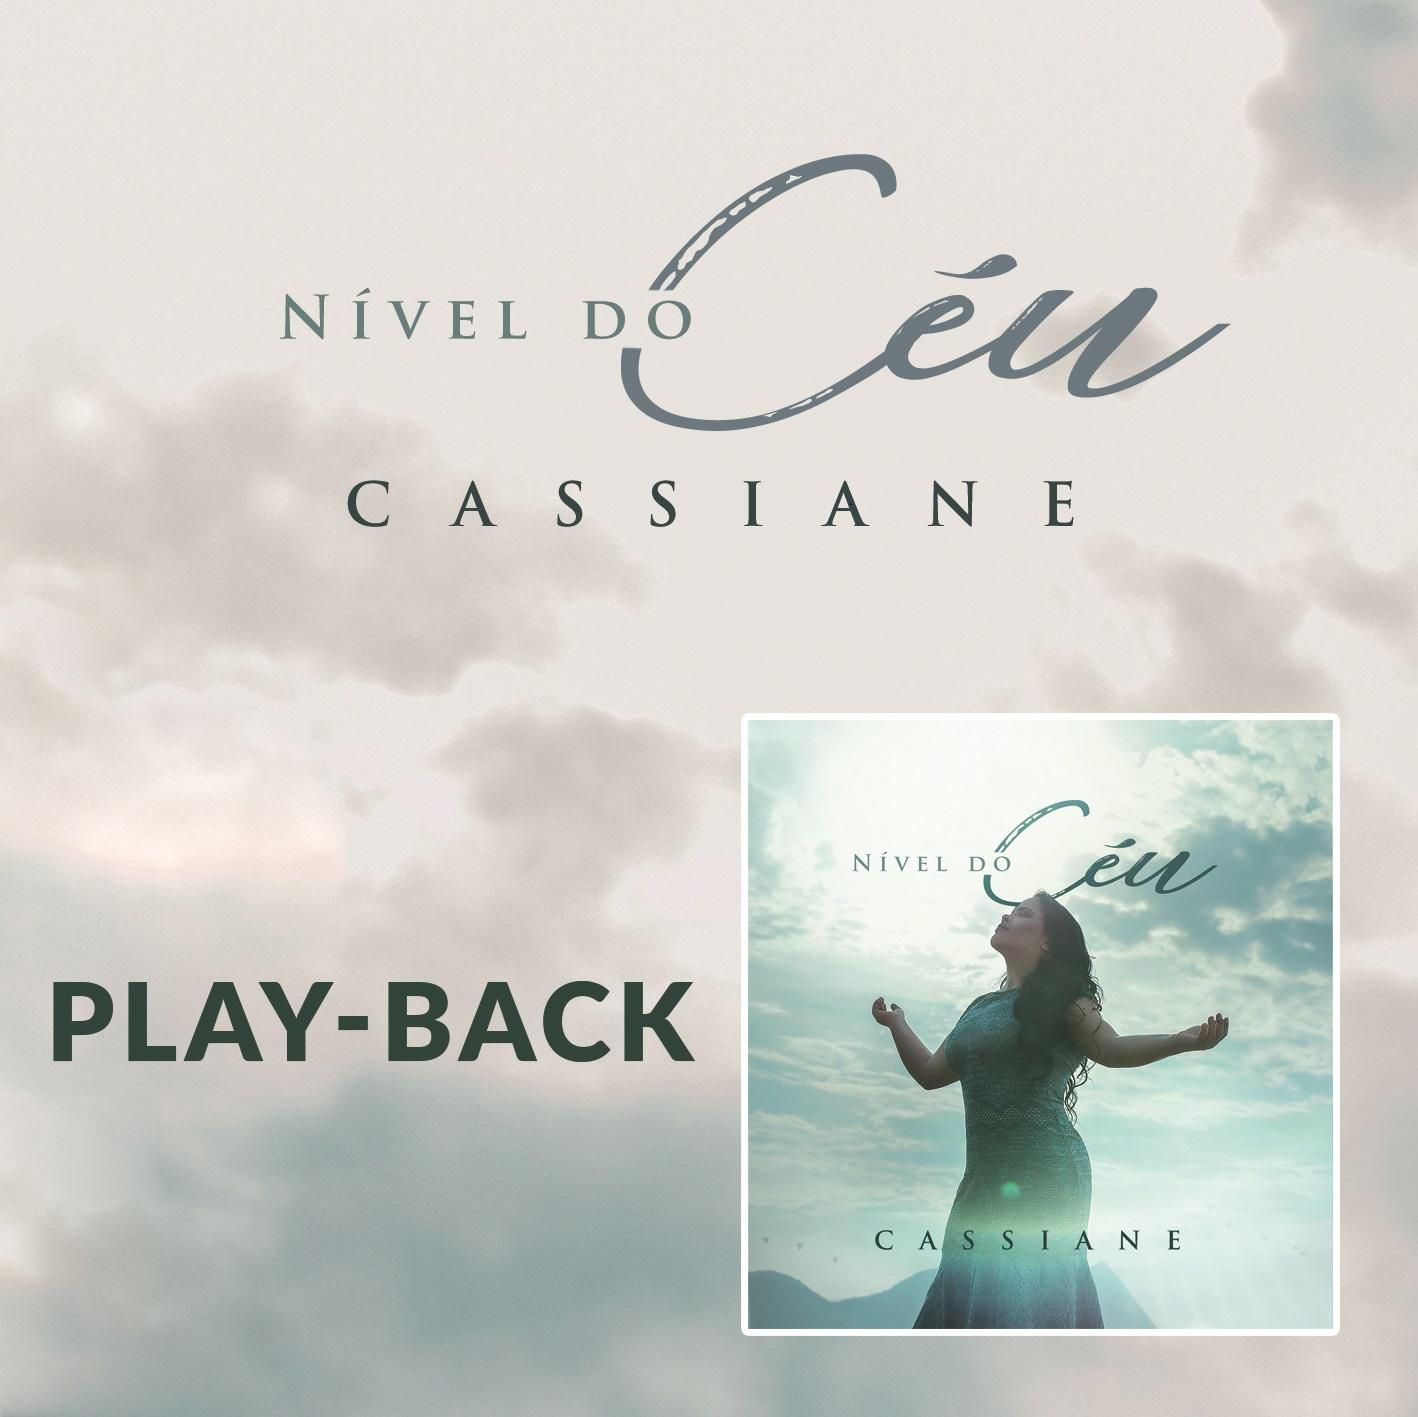 PB - Cassiane - Nivel do ceu